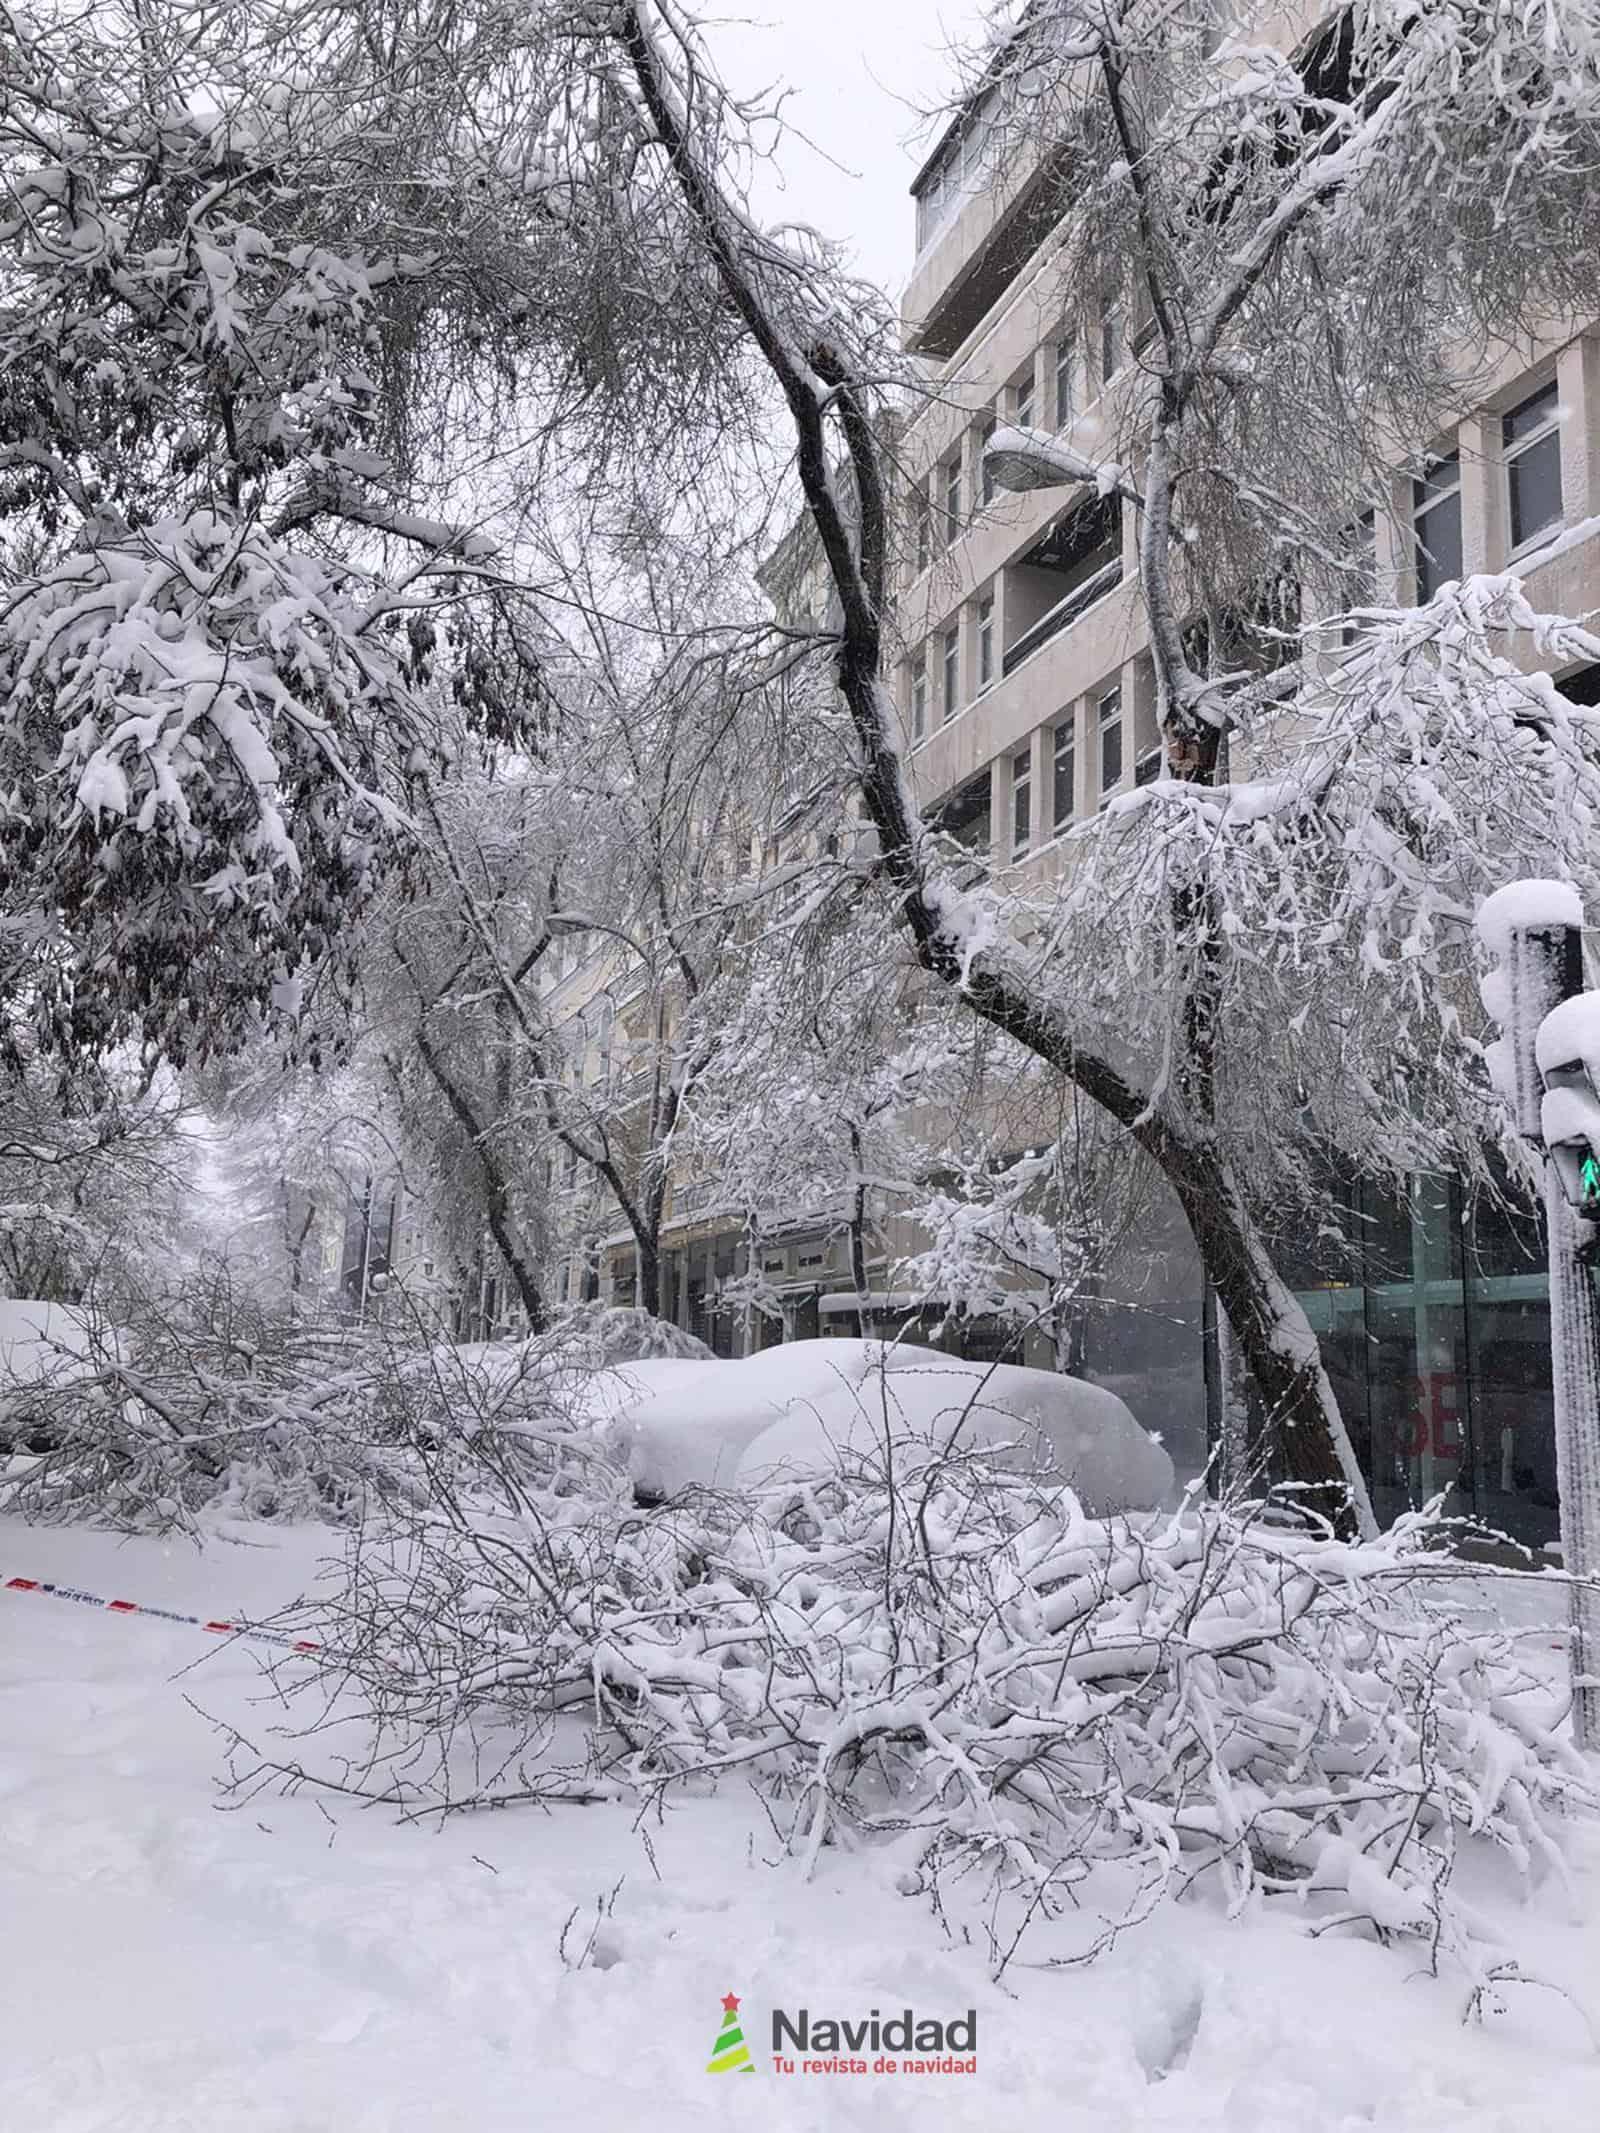 Fotografías de la nevada de enero en Madrid (España) 153